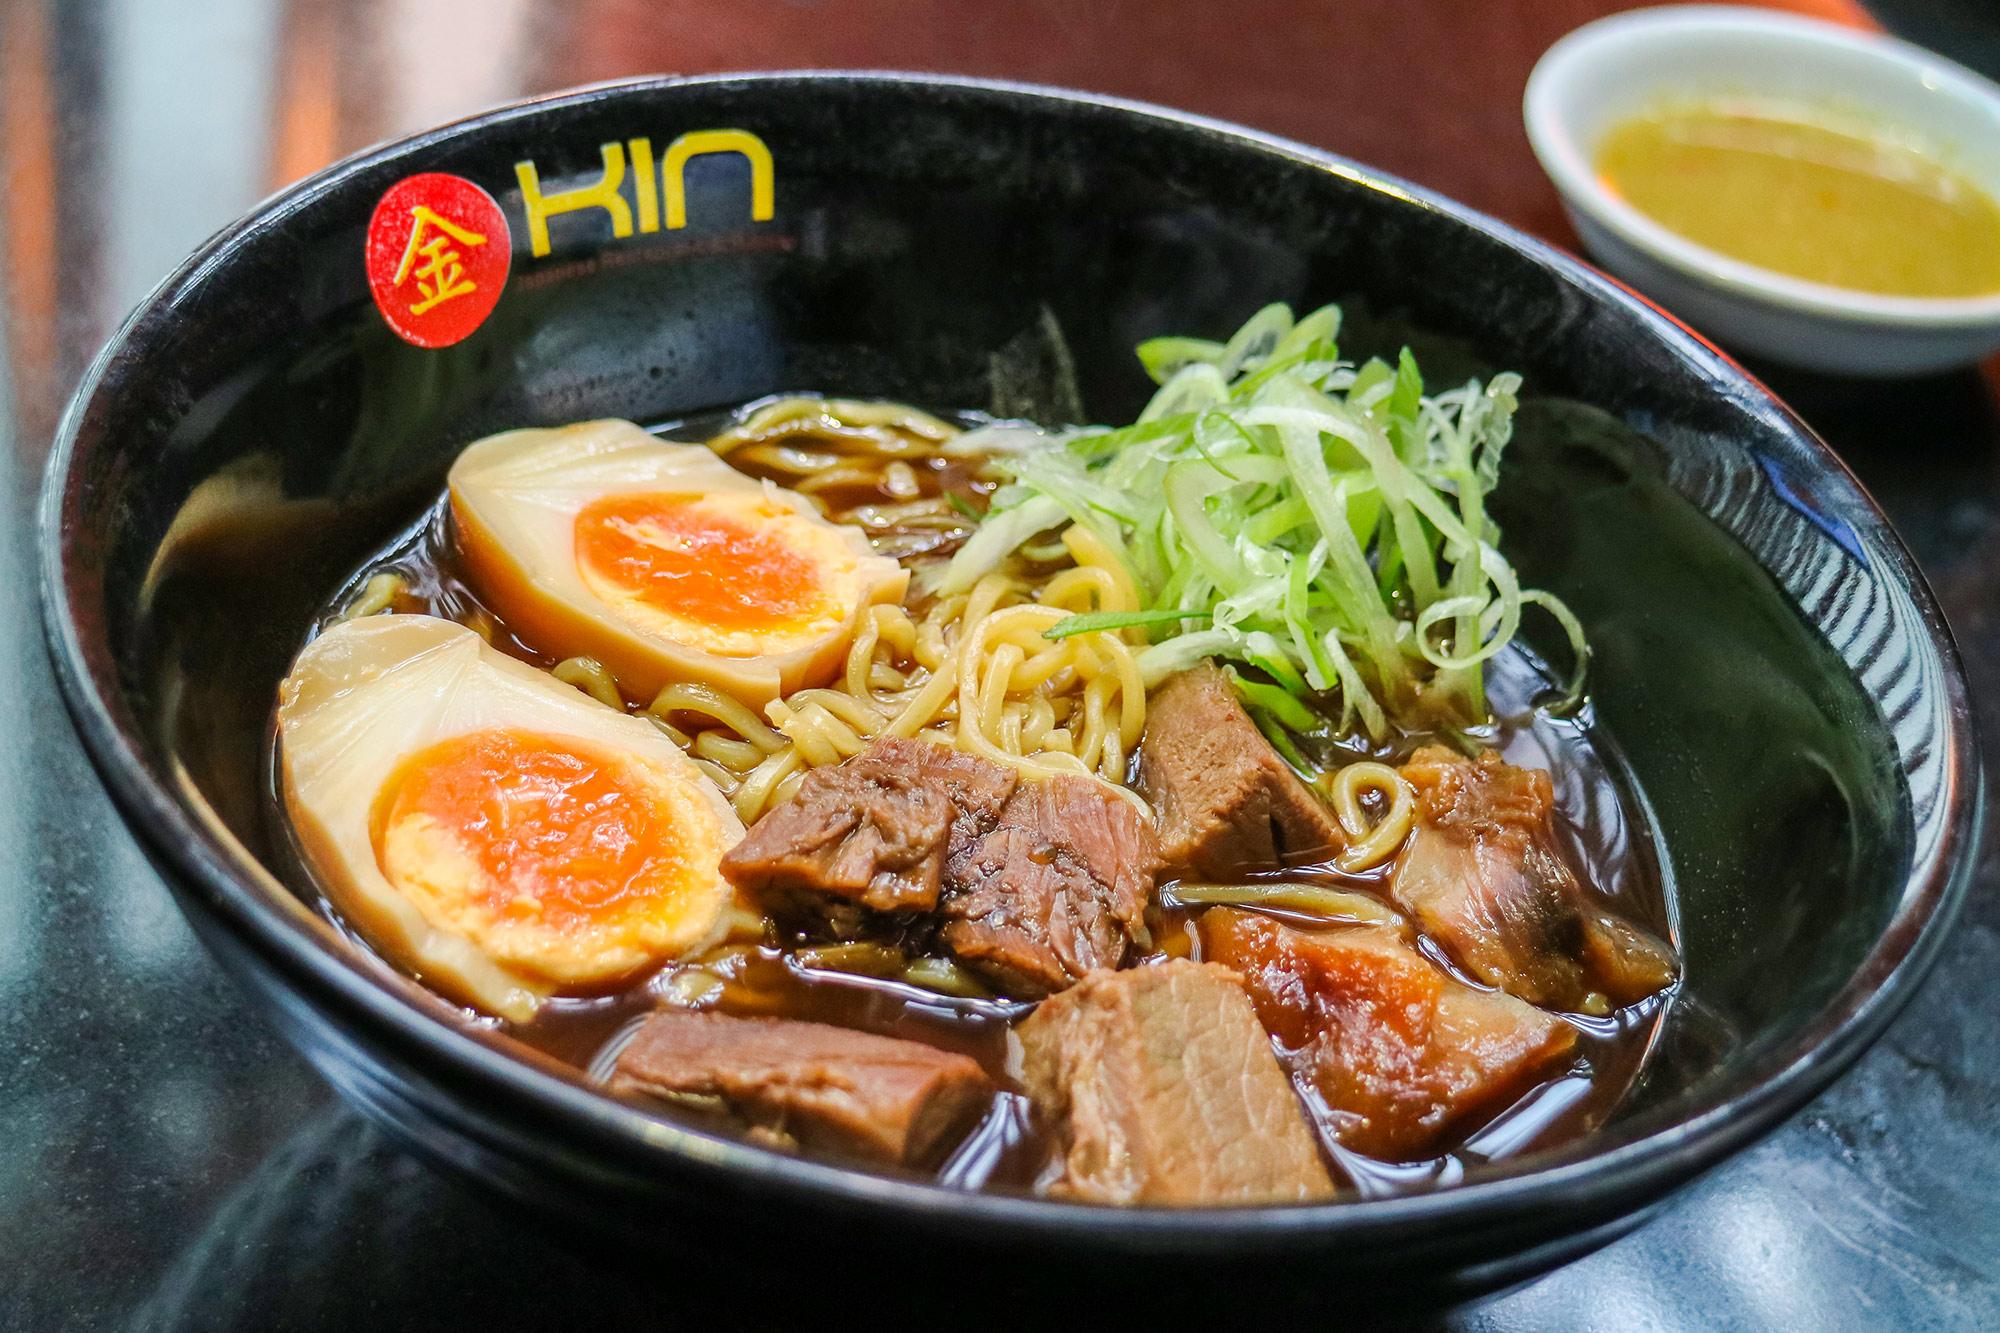 ราเม็งเนื้อน่องลายเอ็นแก้ว  Kin Japanese Restaurant & Ramen ท่าอากาศยานสุวรรณภูมิ IMG 1424